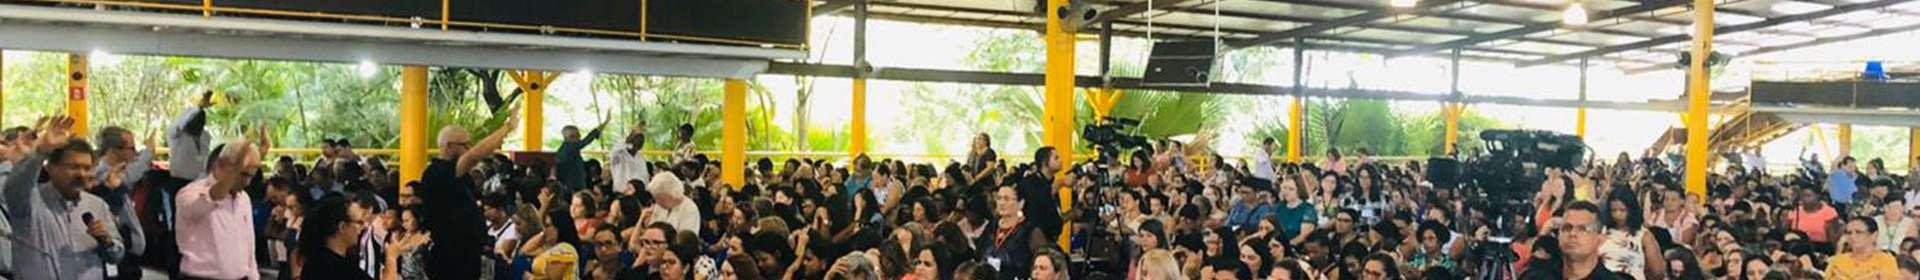 Seminário da Igreja Cristã Maranata reúne senhoras e professoras no Brasil e exterior